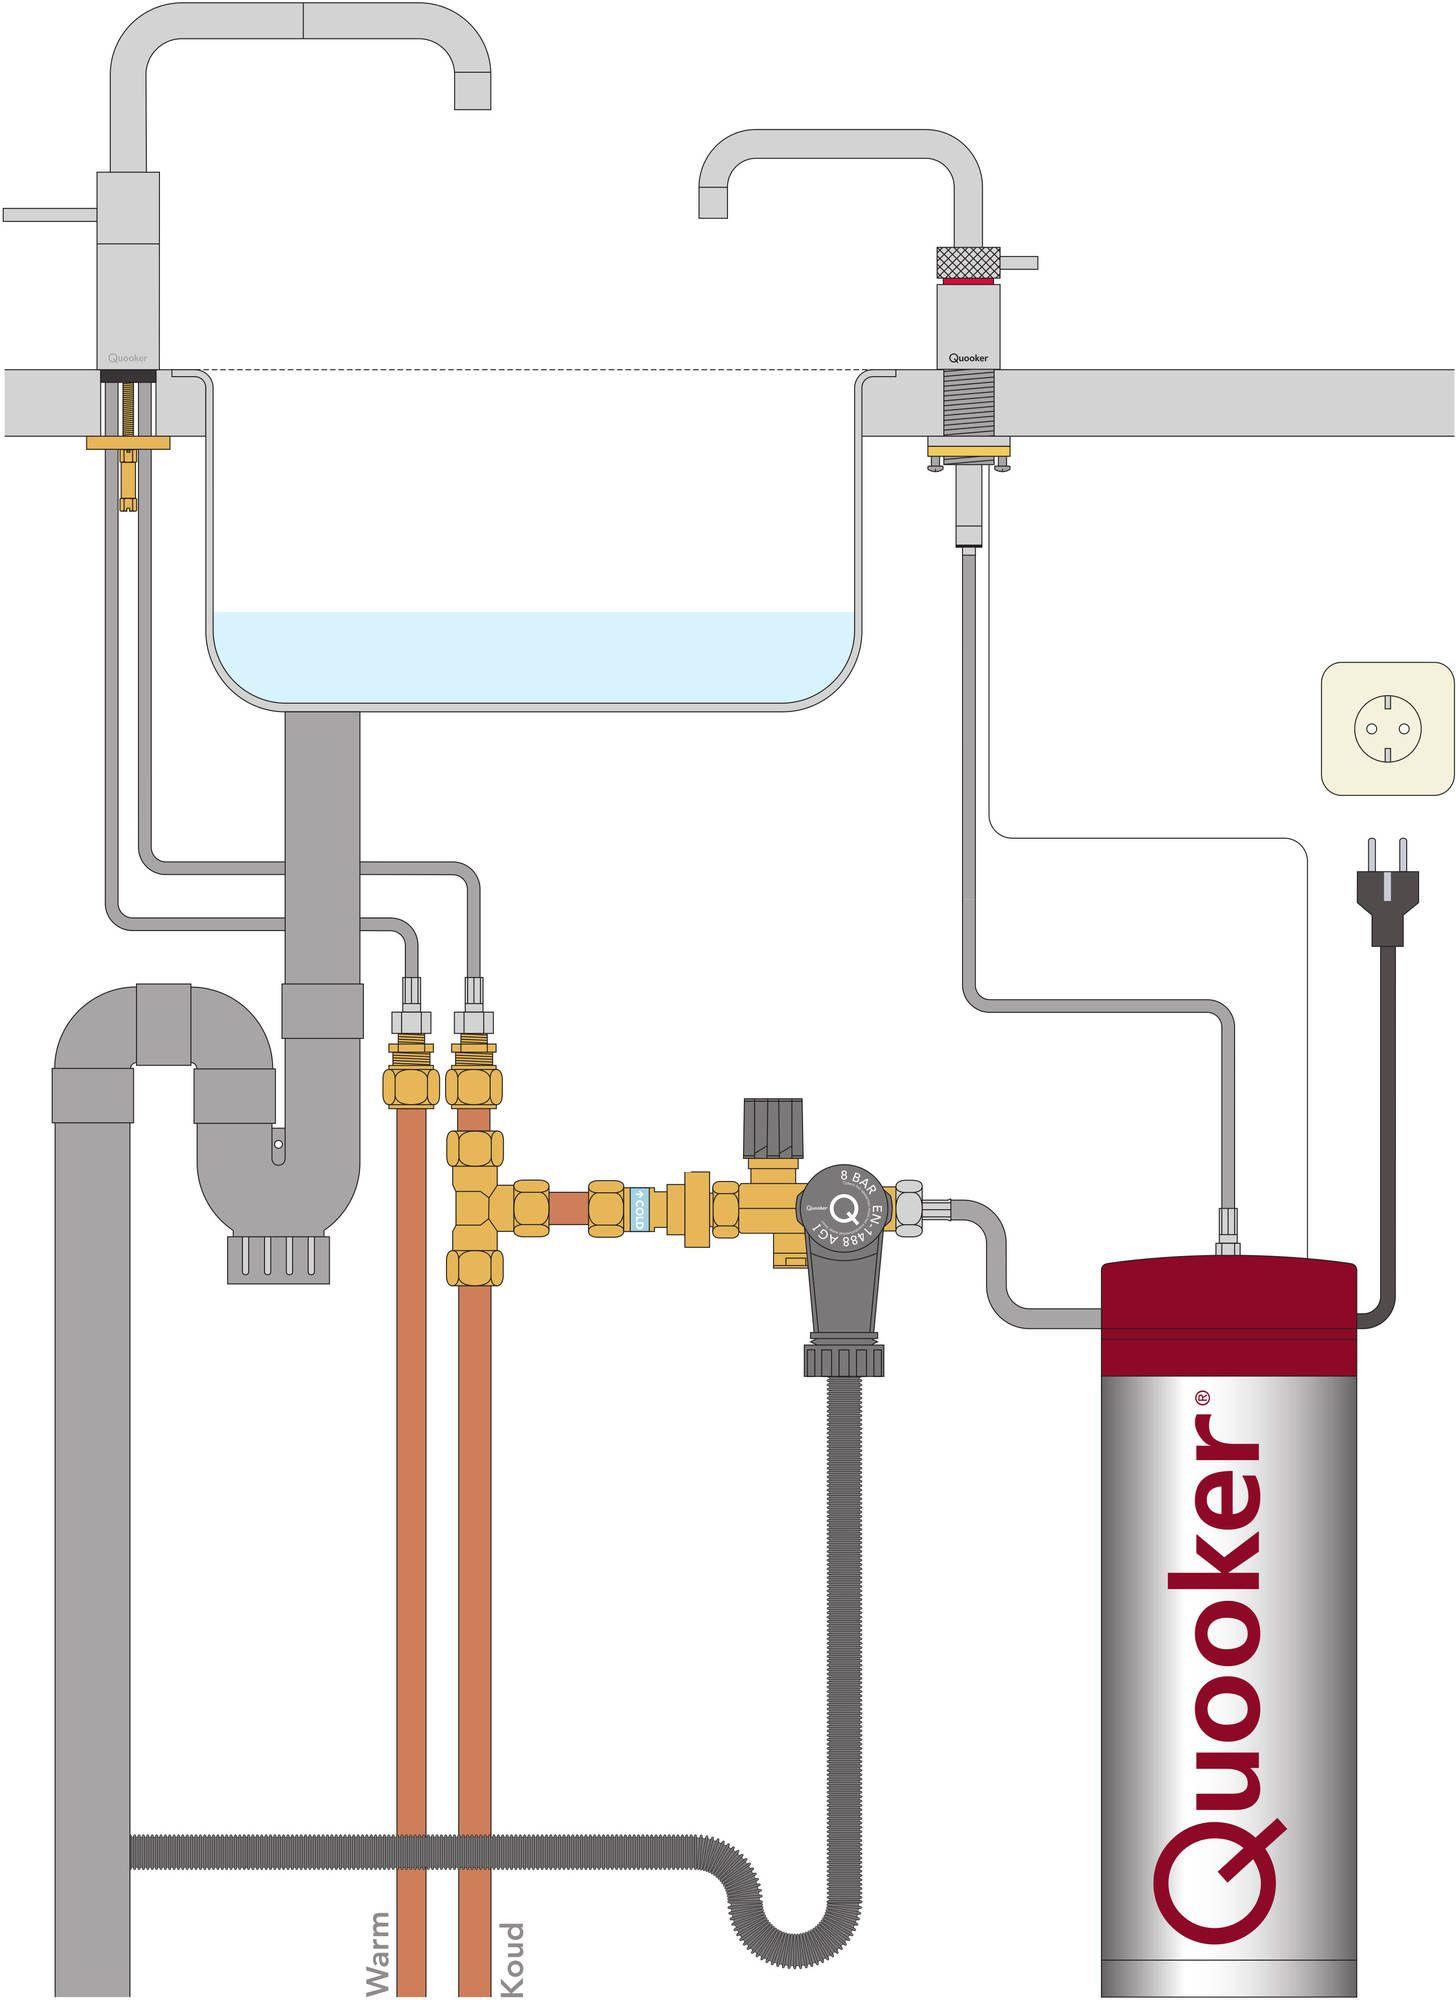 Quooker Nordic Square Twintap RVS met PRO3 boiler 3in1